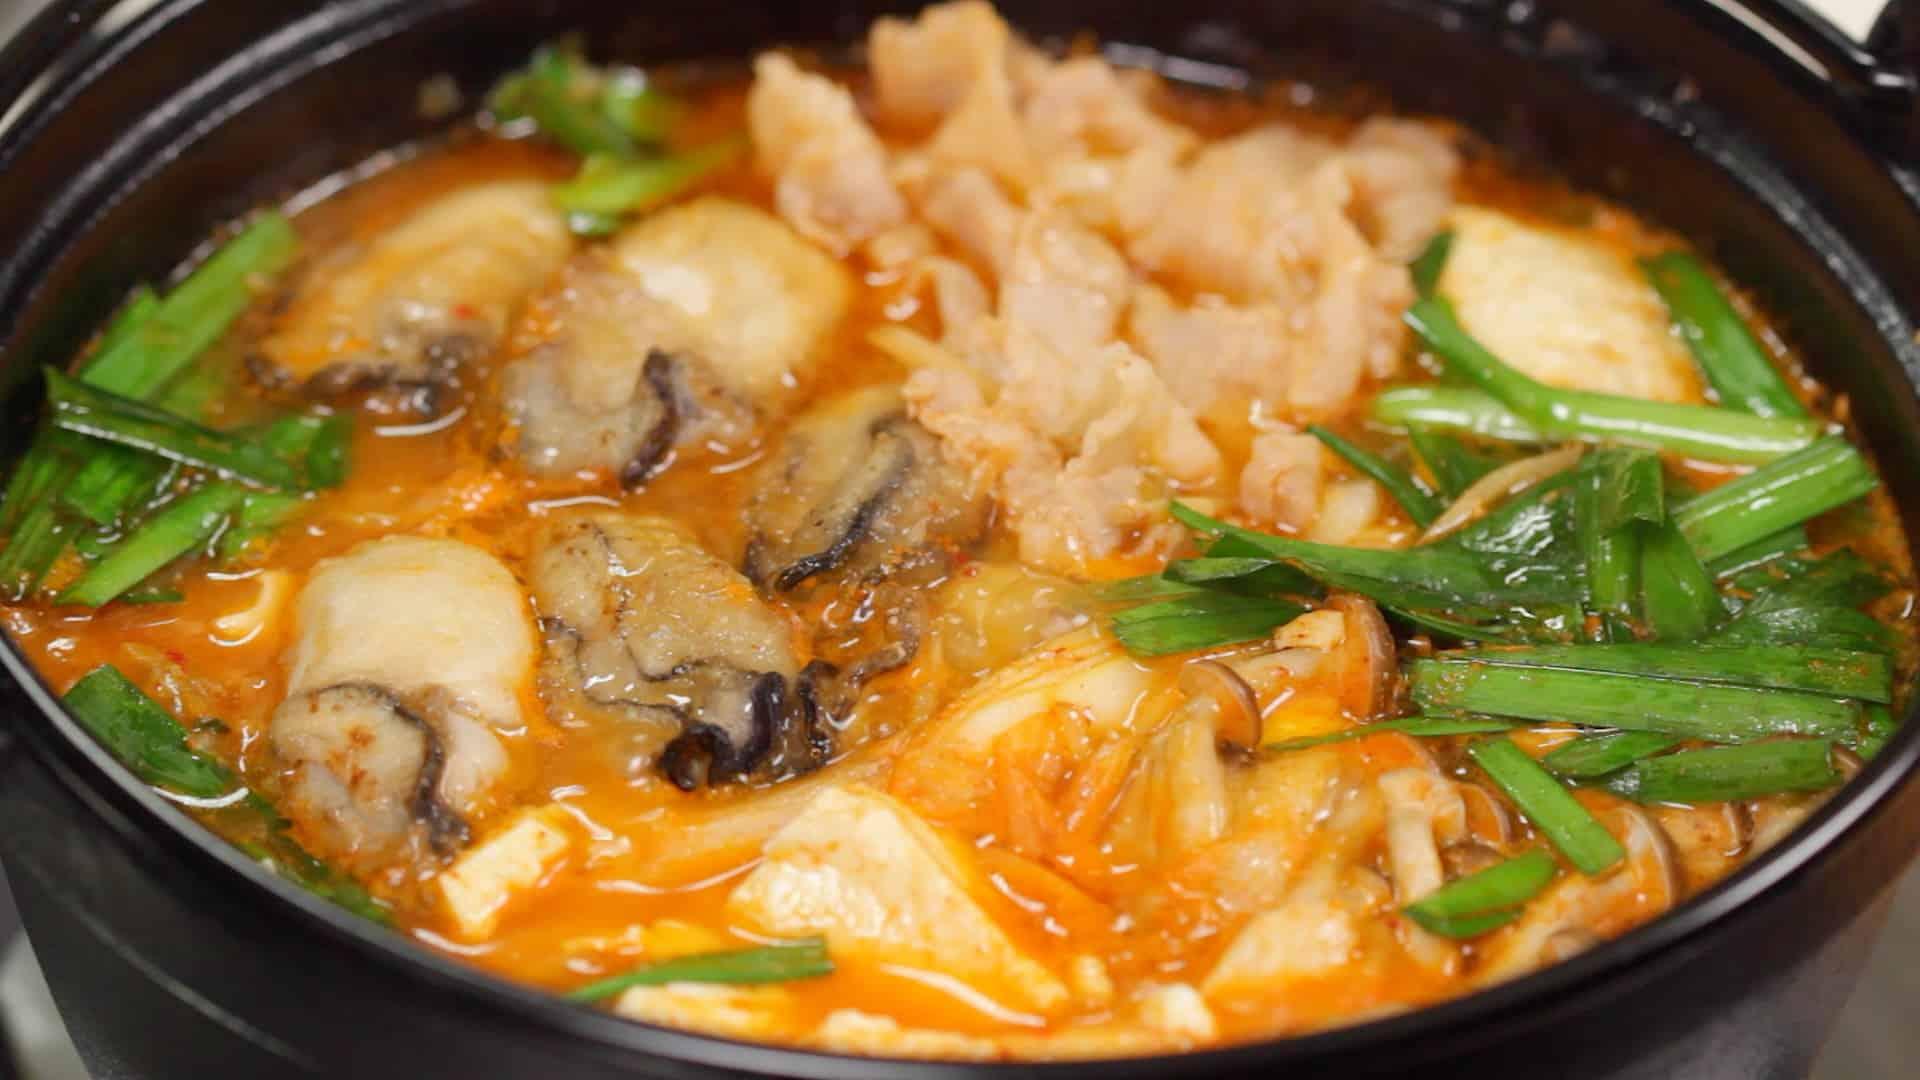 牡蠣と豚肉のキムチ鍋 体がぽかぽか温まる韓国風鍋